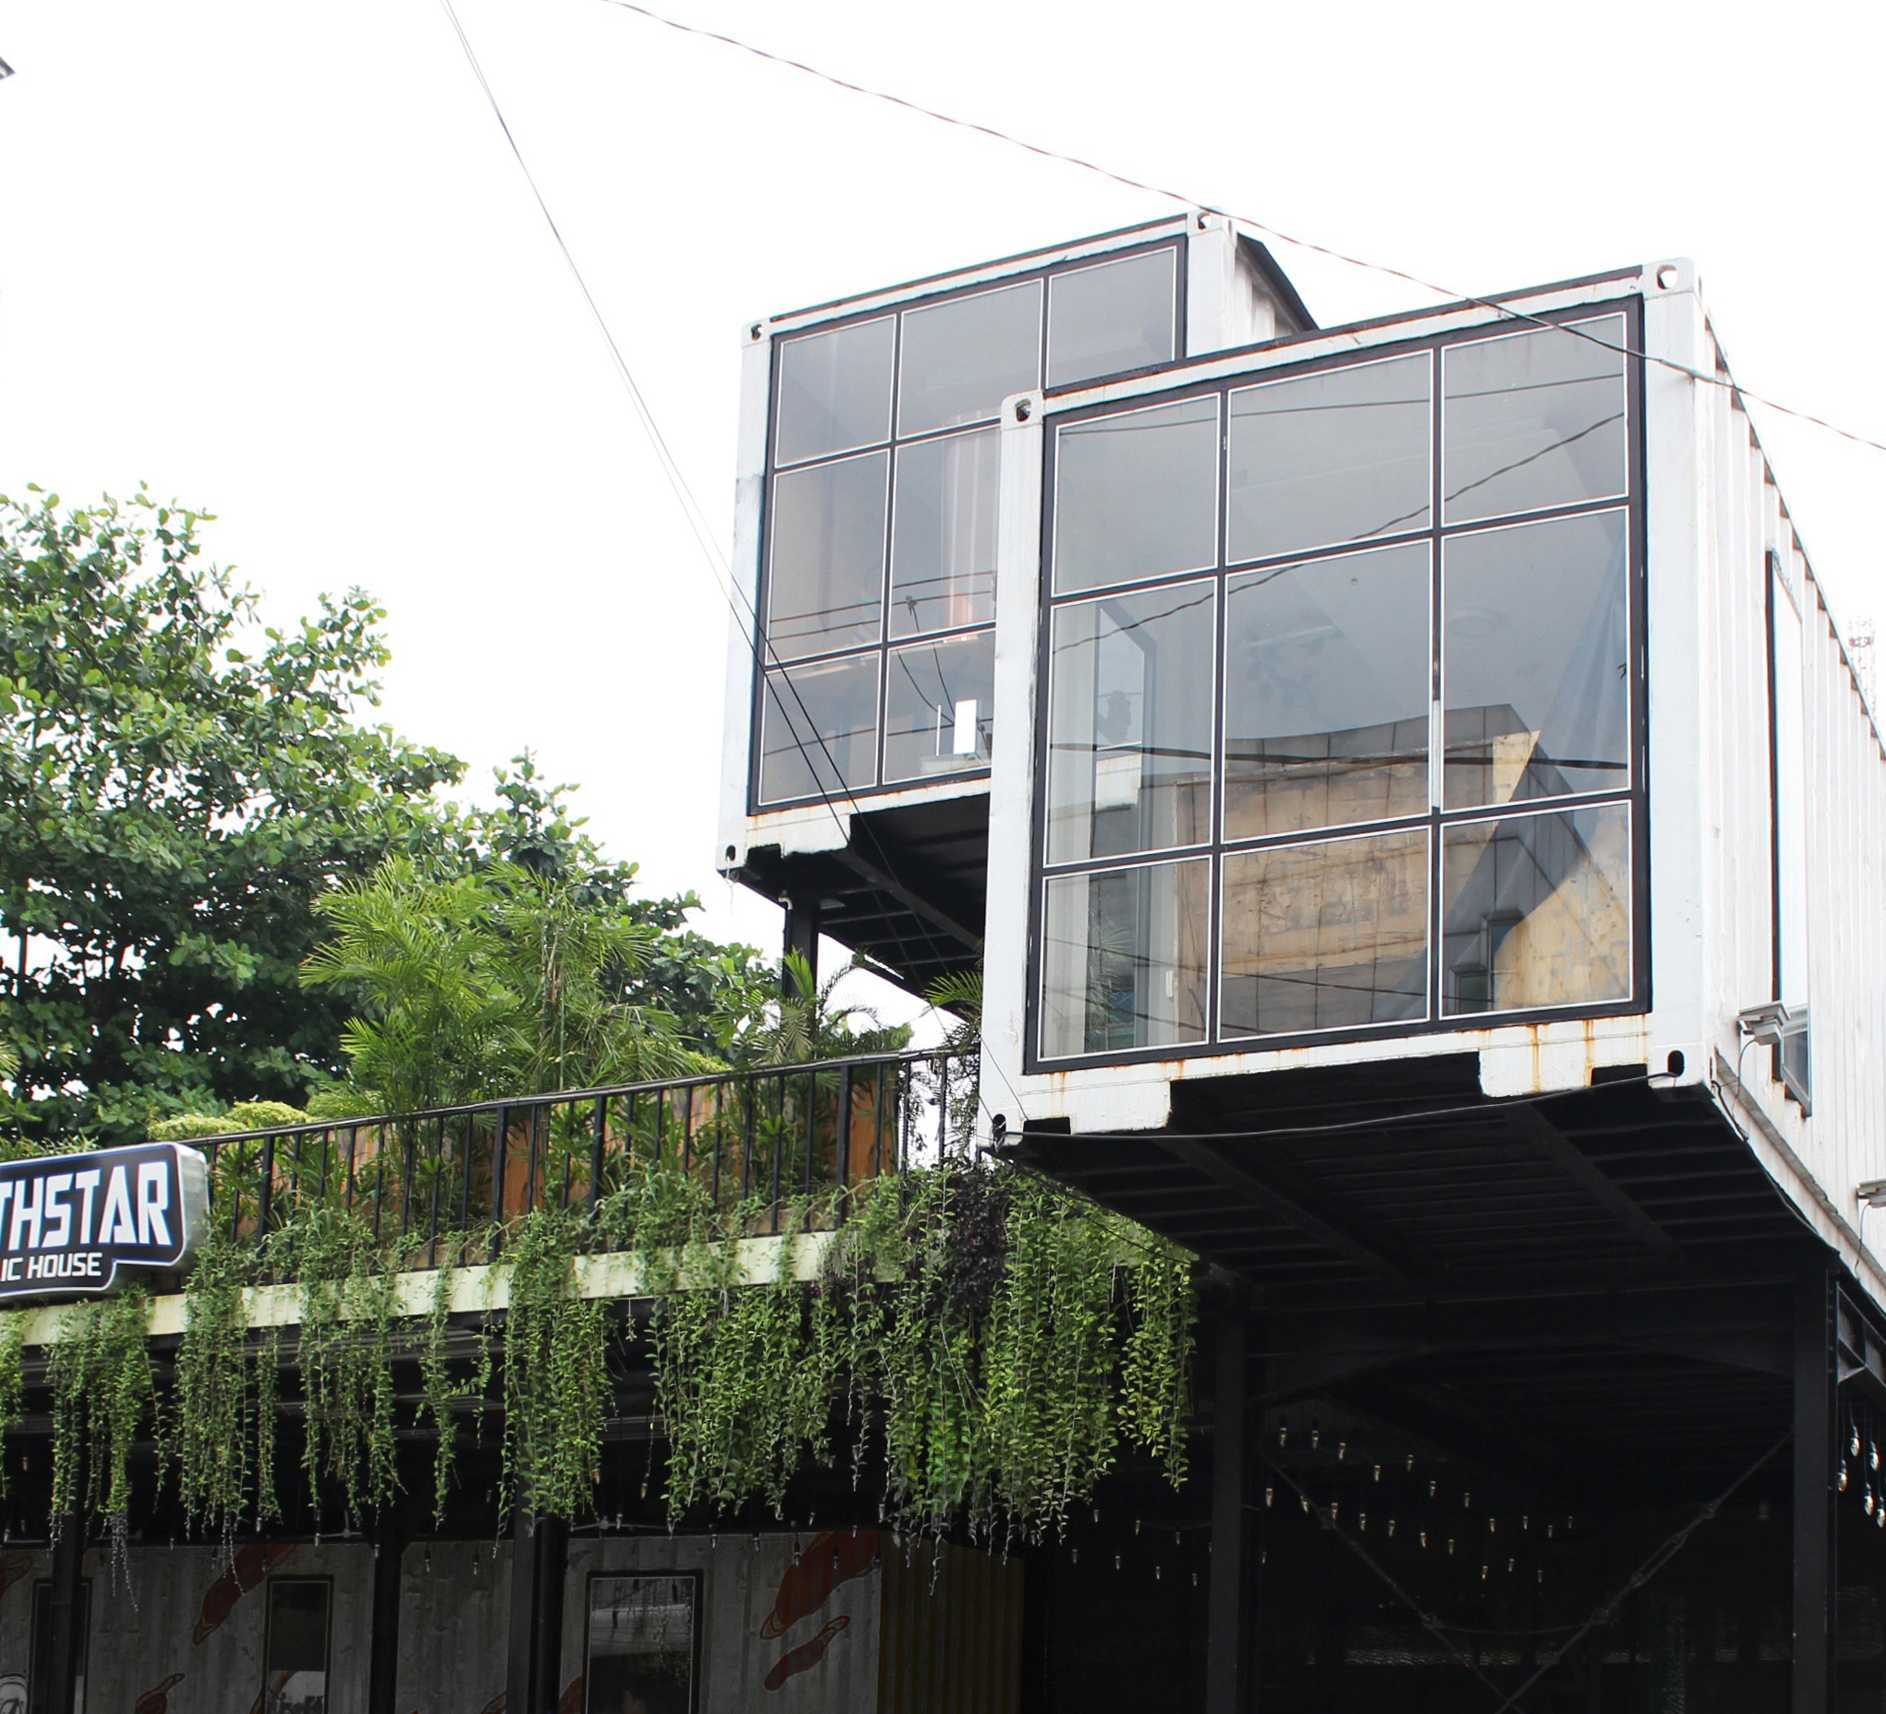 Jasa Design and Build Braun Studio di Medan